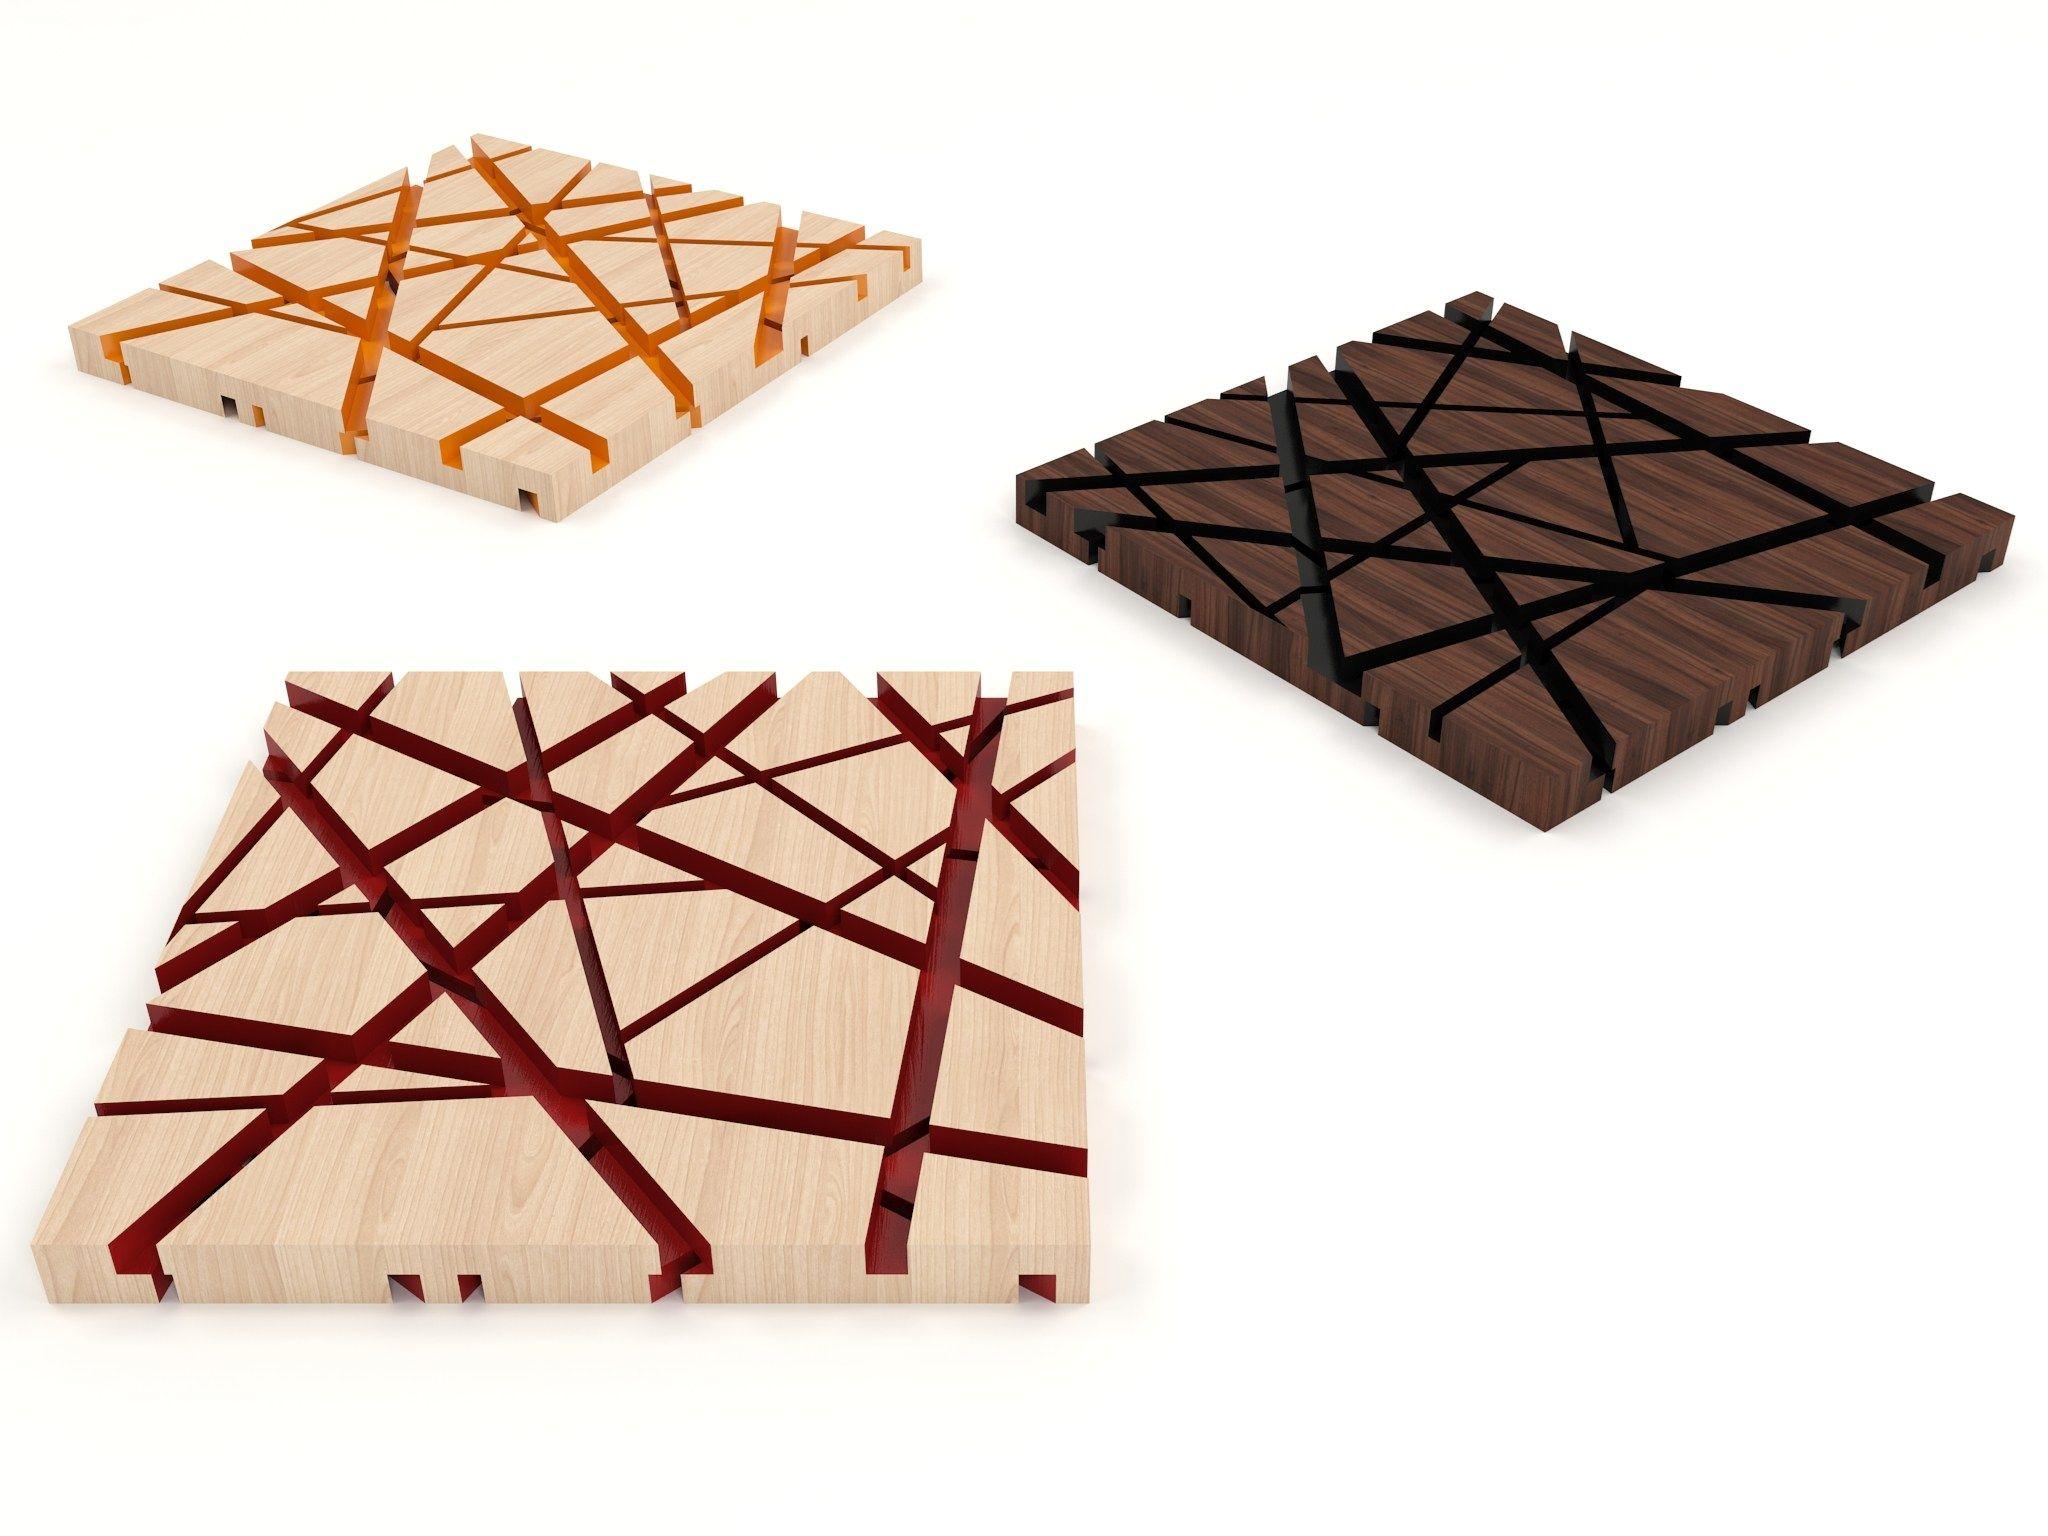 sous plat milieu de table en bois komorebi by valsecchi 1918 design nicola de ponti design. Black Bedroom Furniture Sets. Home Design Ideas